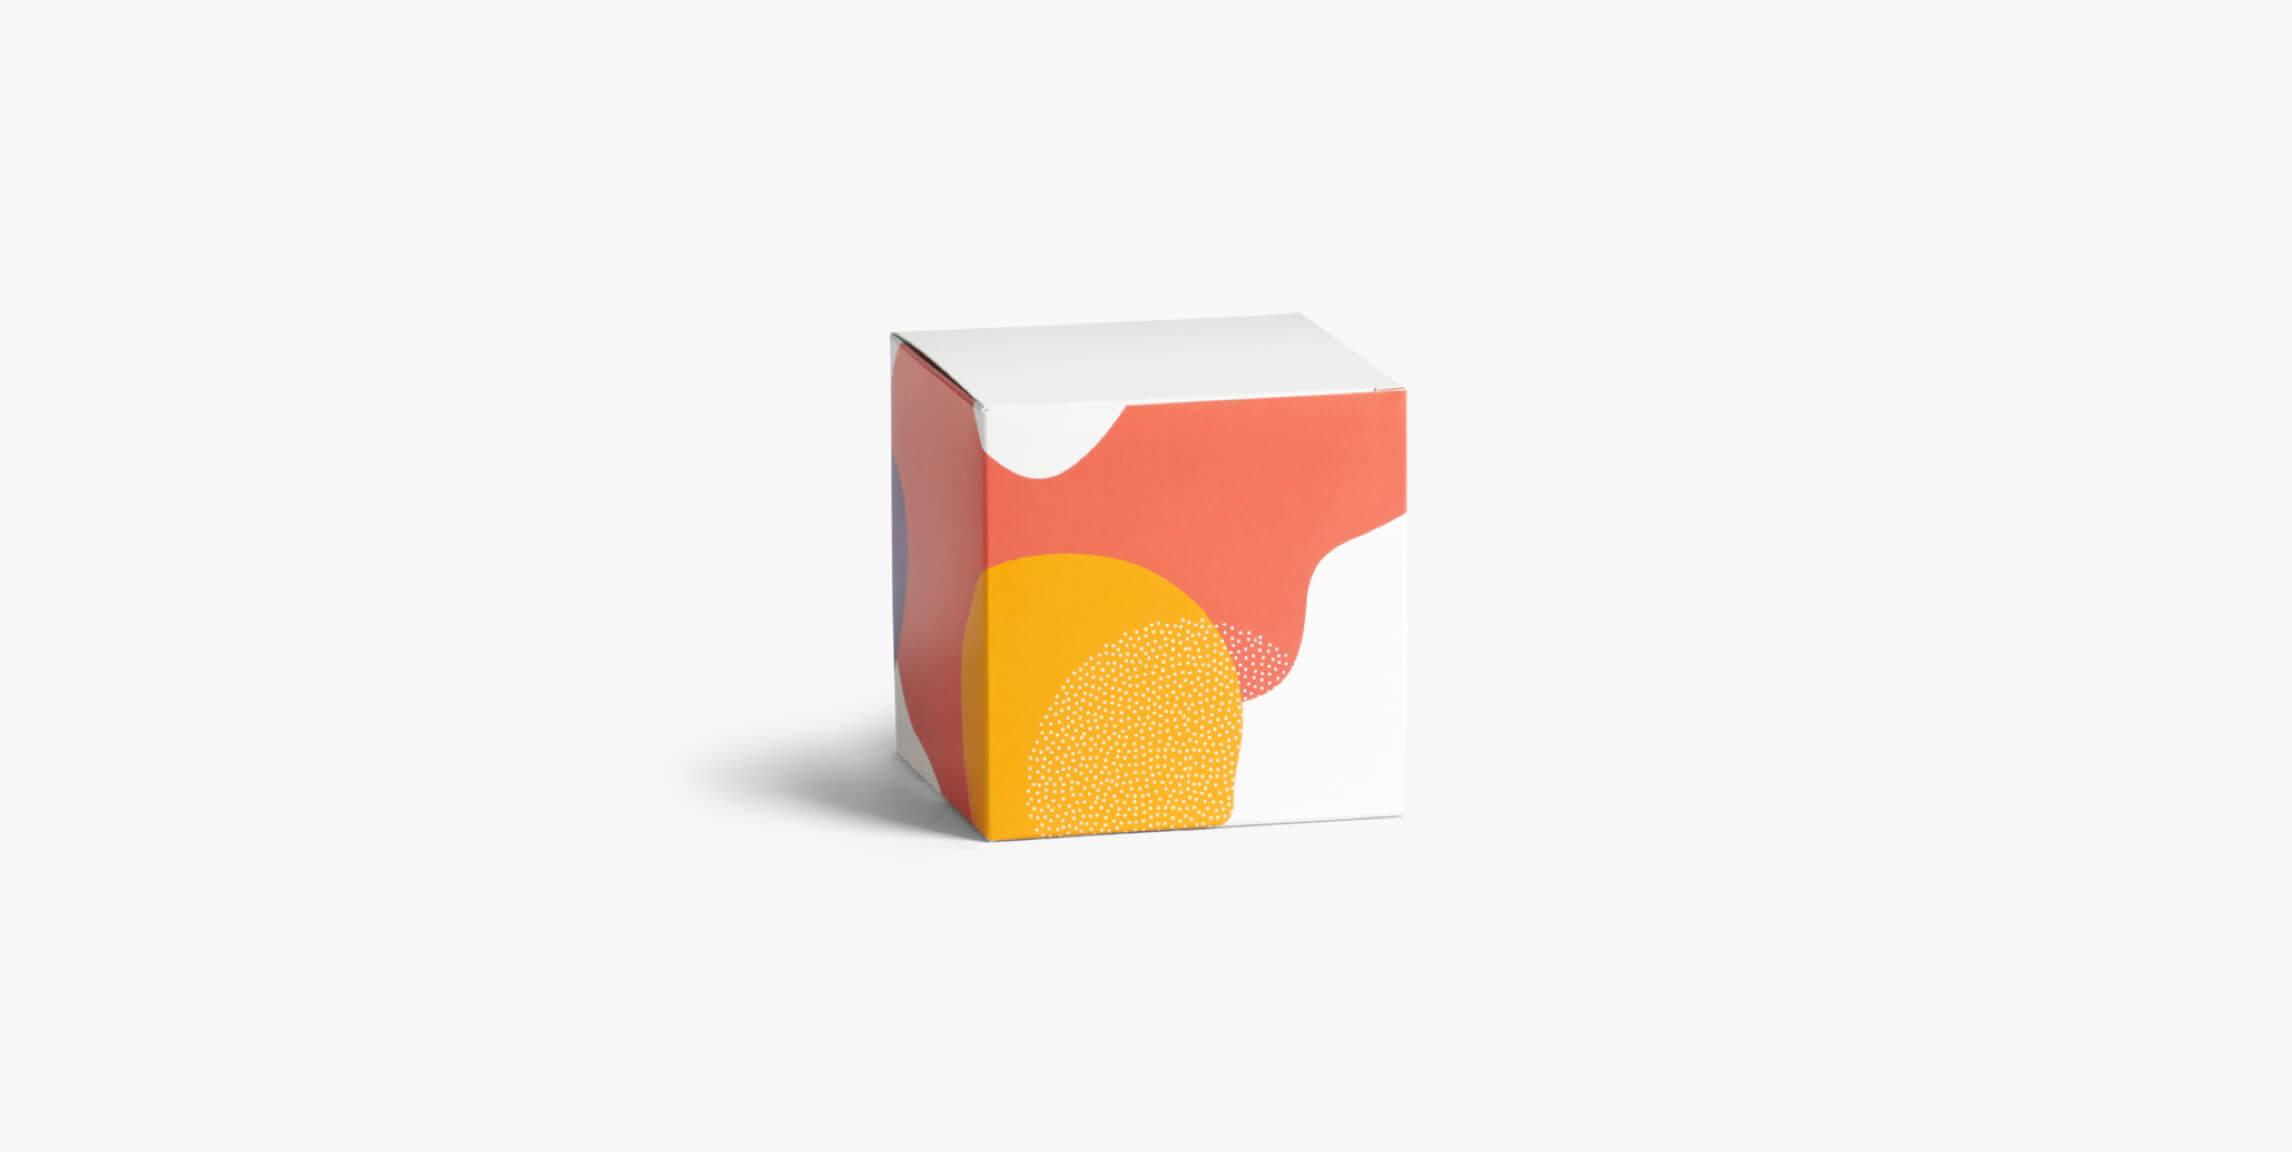 Scatola per prodotti classica - scatole personalizzate - Packhelp